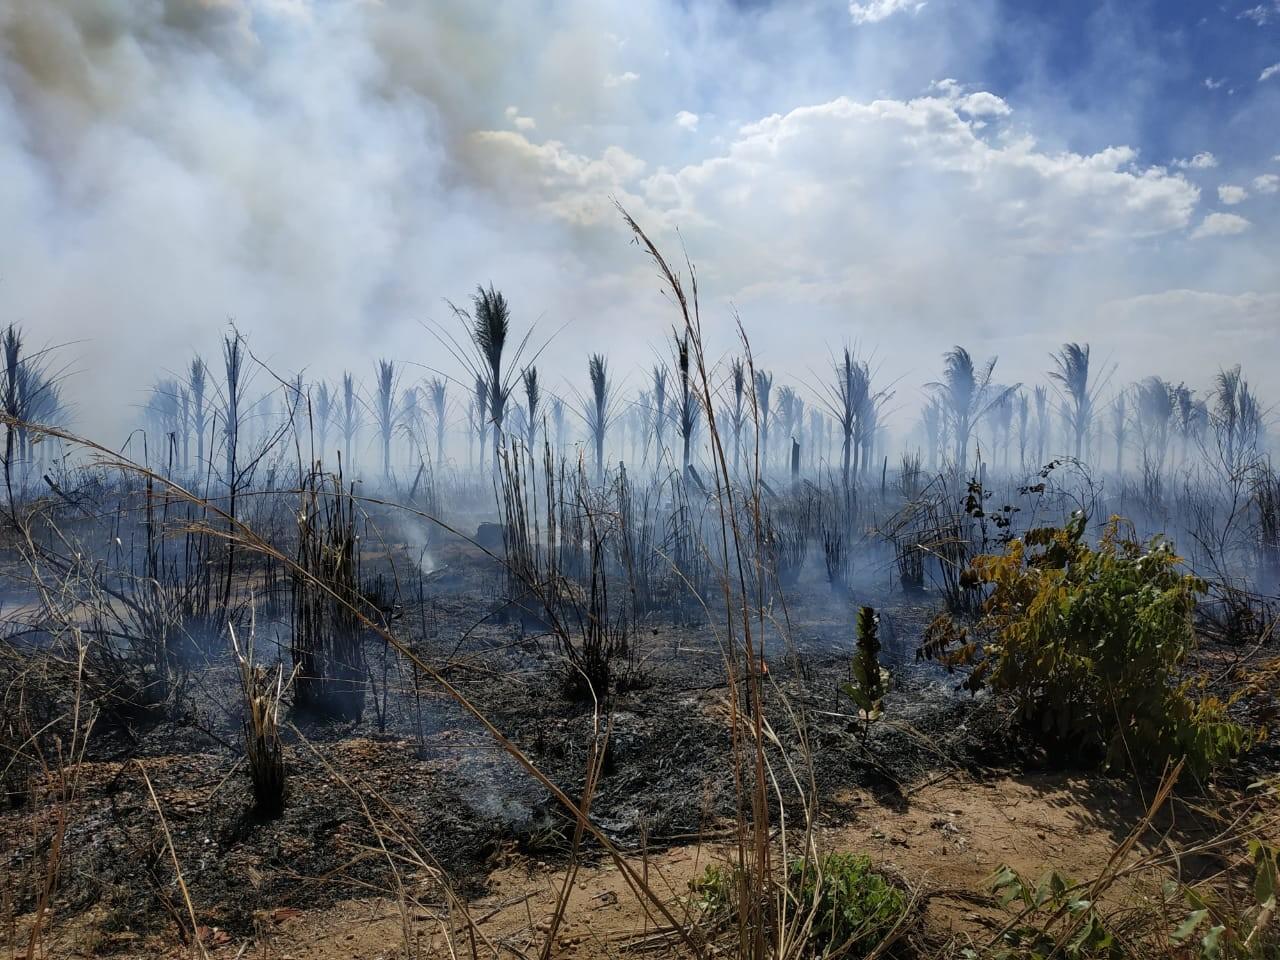 Produtores que tiveram áreas atingidas por incêndios previnem novas queimadas: 'Muita coisa foi destruída'